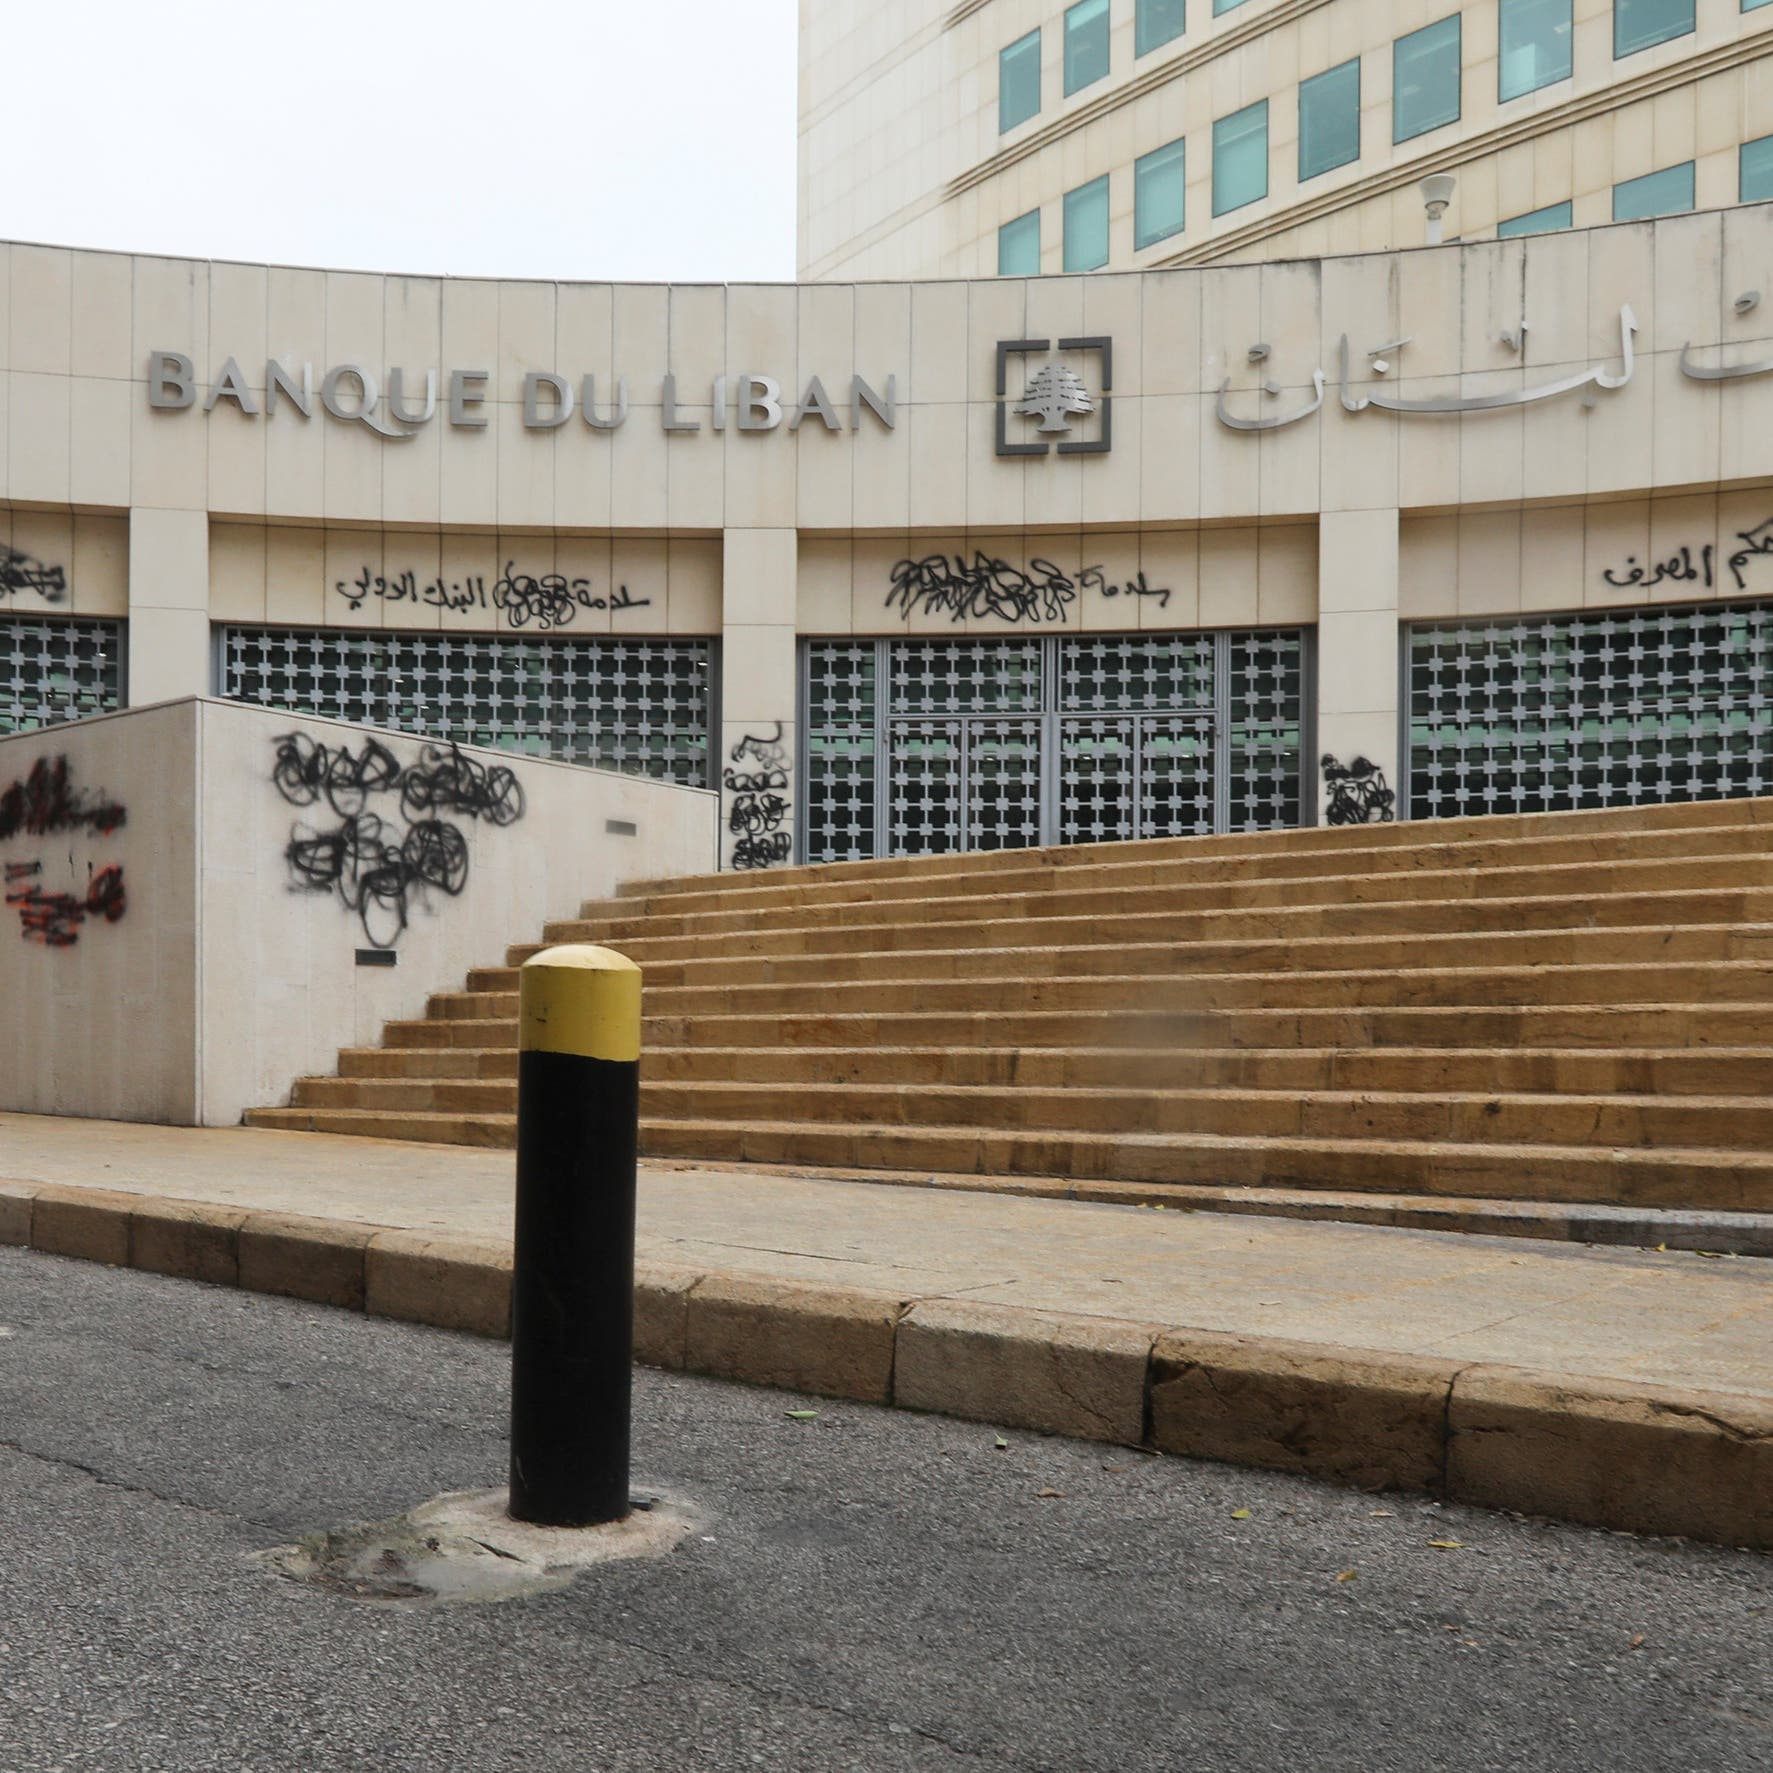 بنوك لبنان.. 70% من مشاكلها بهذا الجانب المثير للقلق